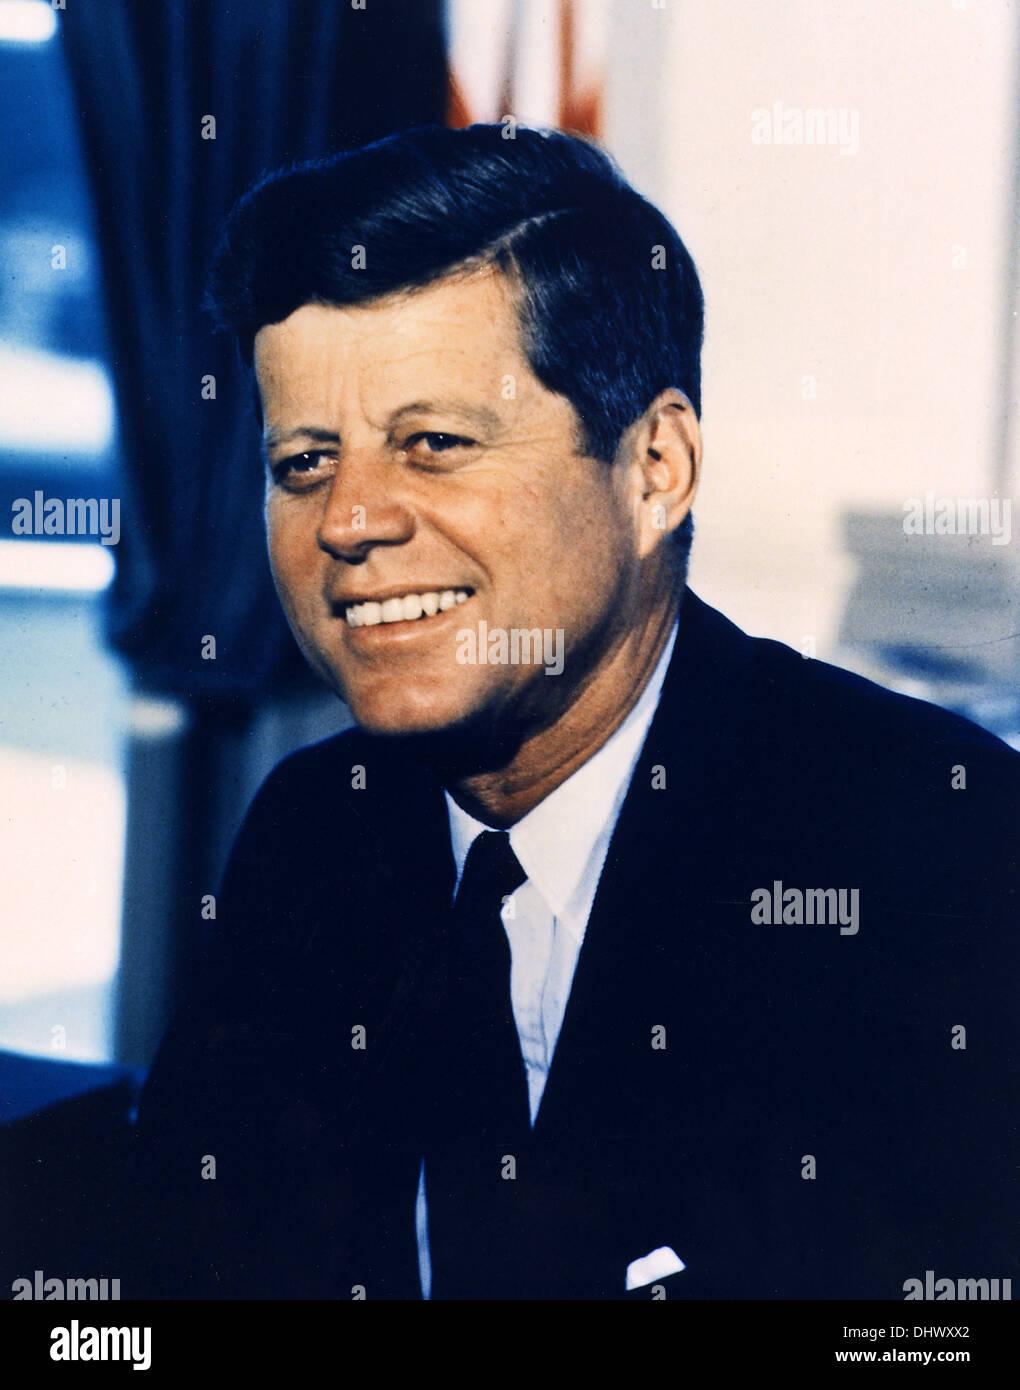 Präsident John F. Kennedy, der amerikanische Präsident JFK Stockfoto